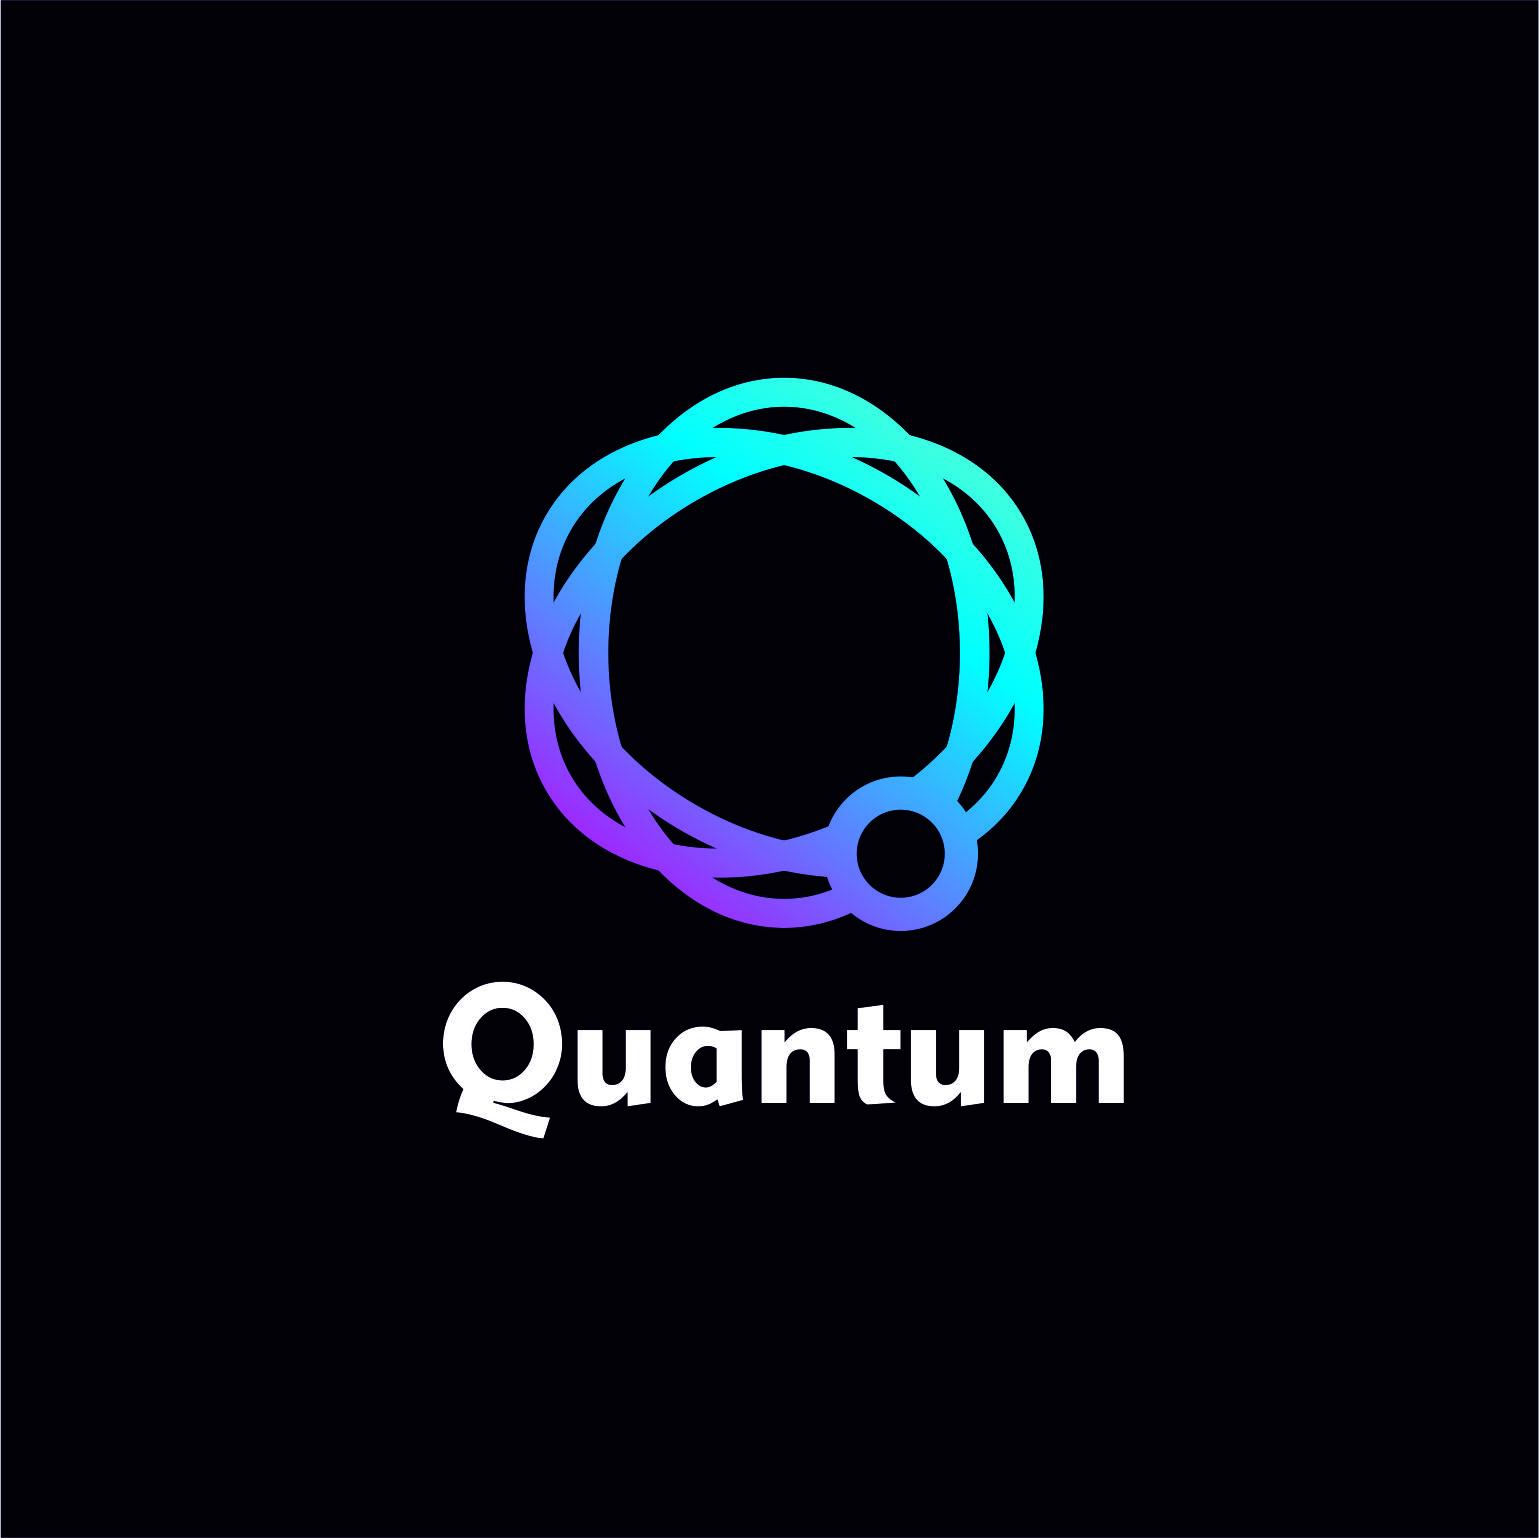 Редизайн логотипа бренда интеллектуальной игры фото f_3405bc0add7db391.jpg